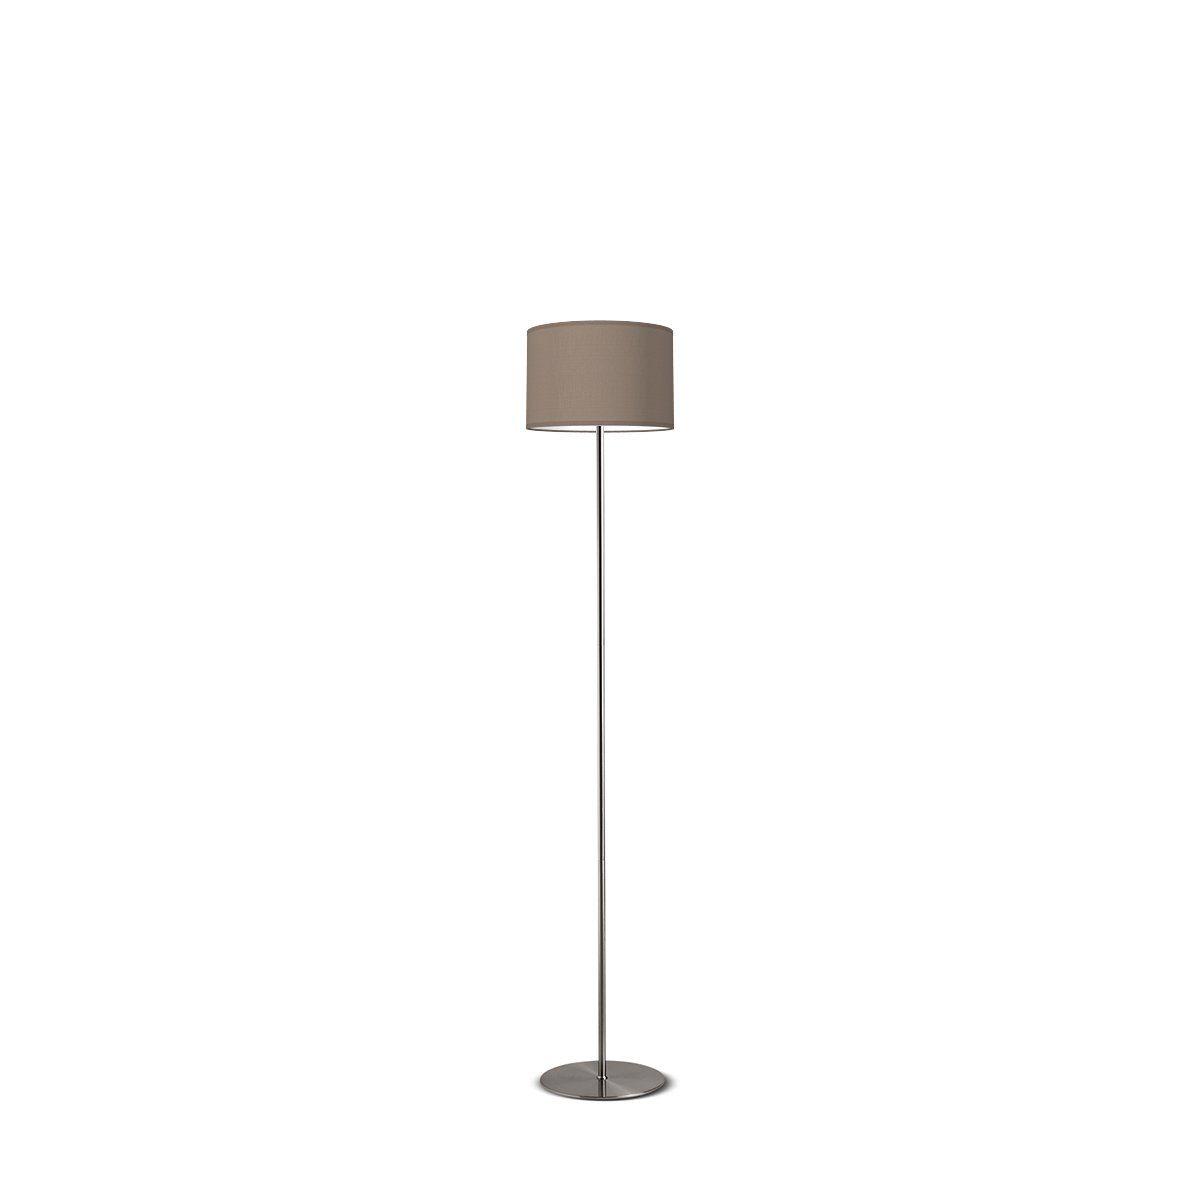 vloerlamp lift bling Ø 30 cm - taupe